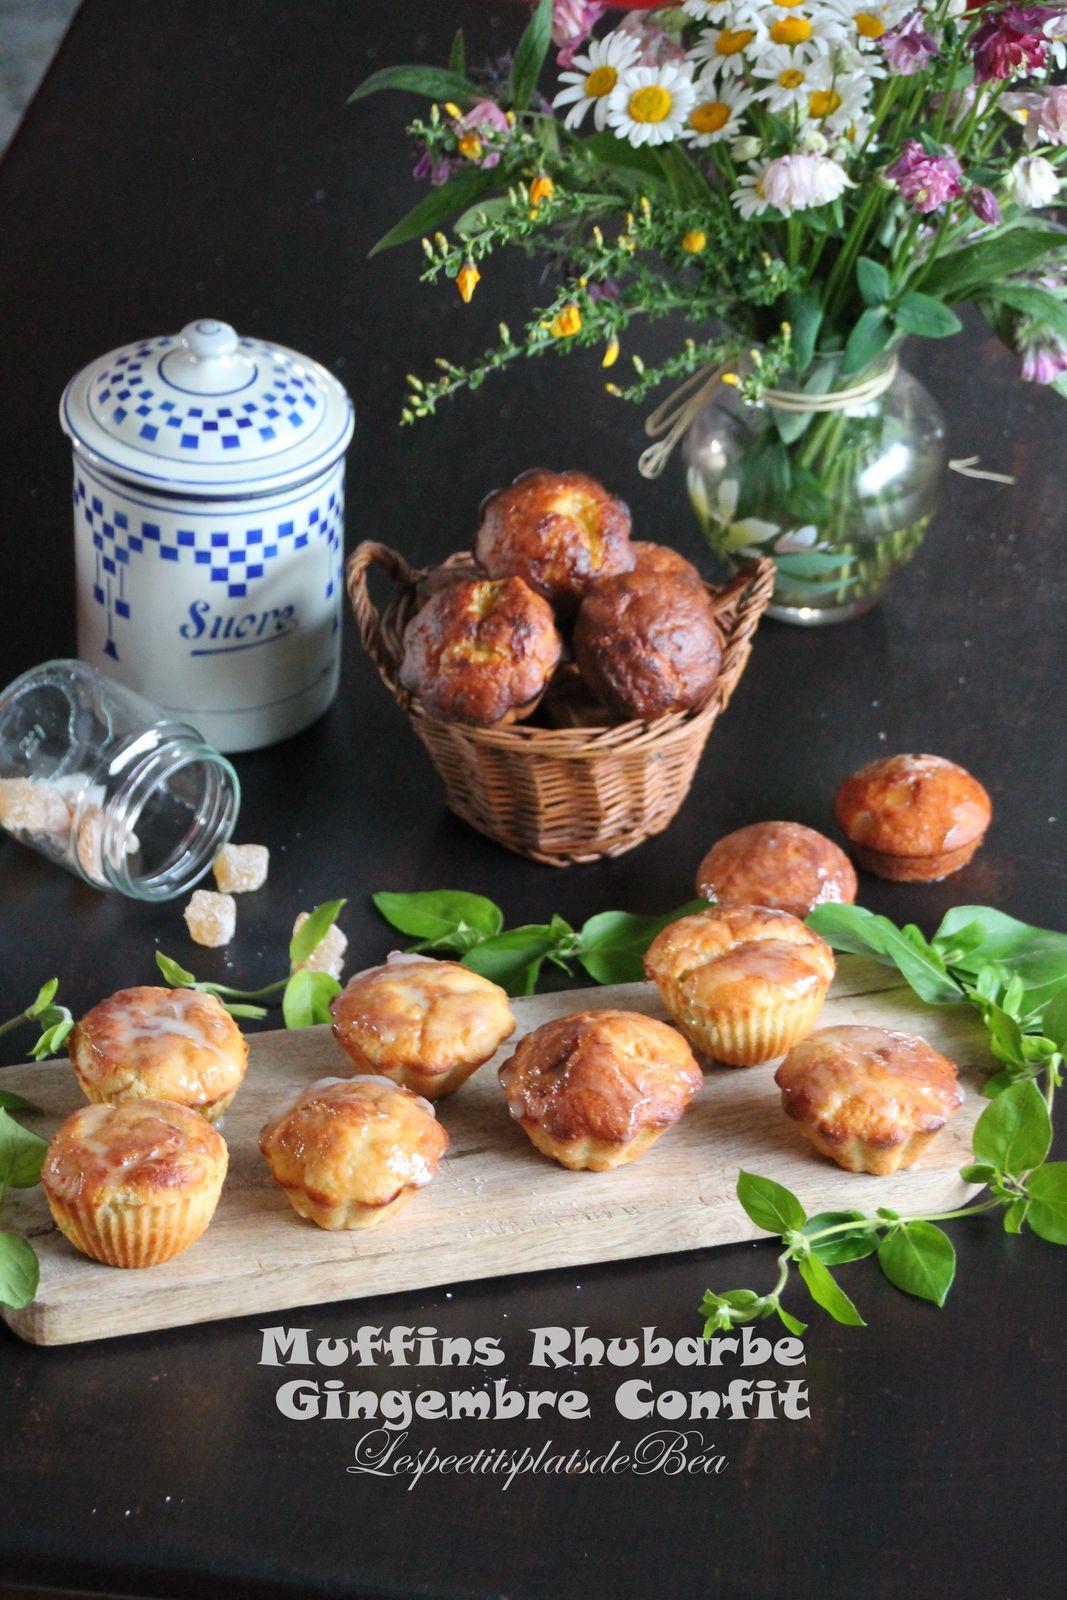 Muffins à la rhubarbe et au gingembre confit